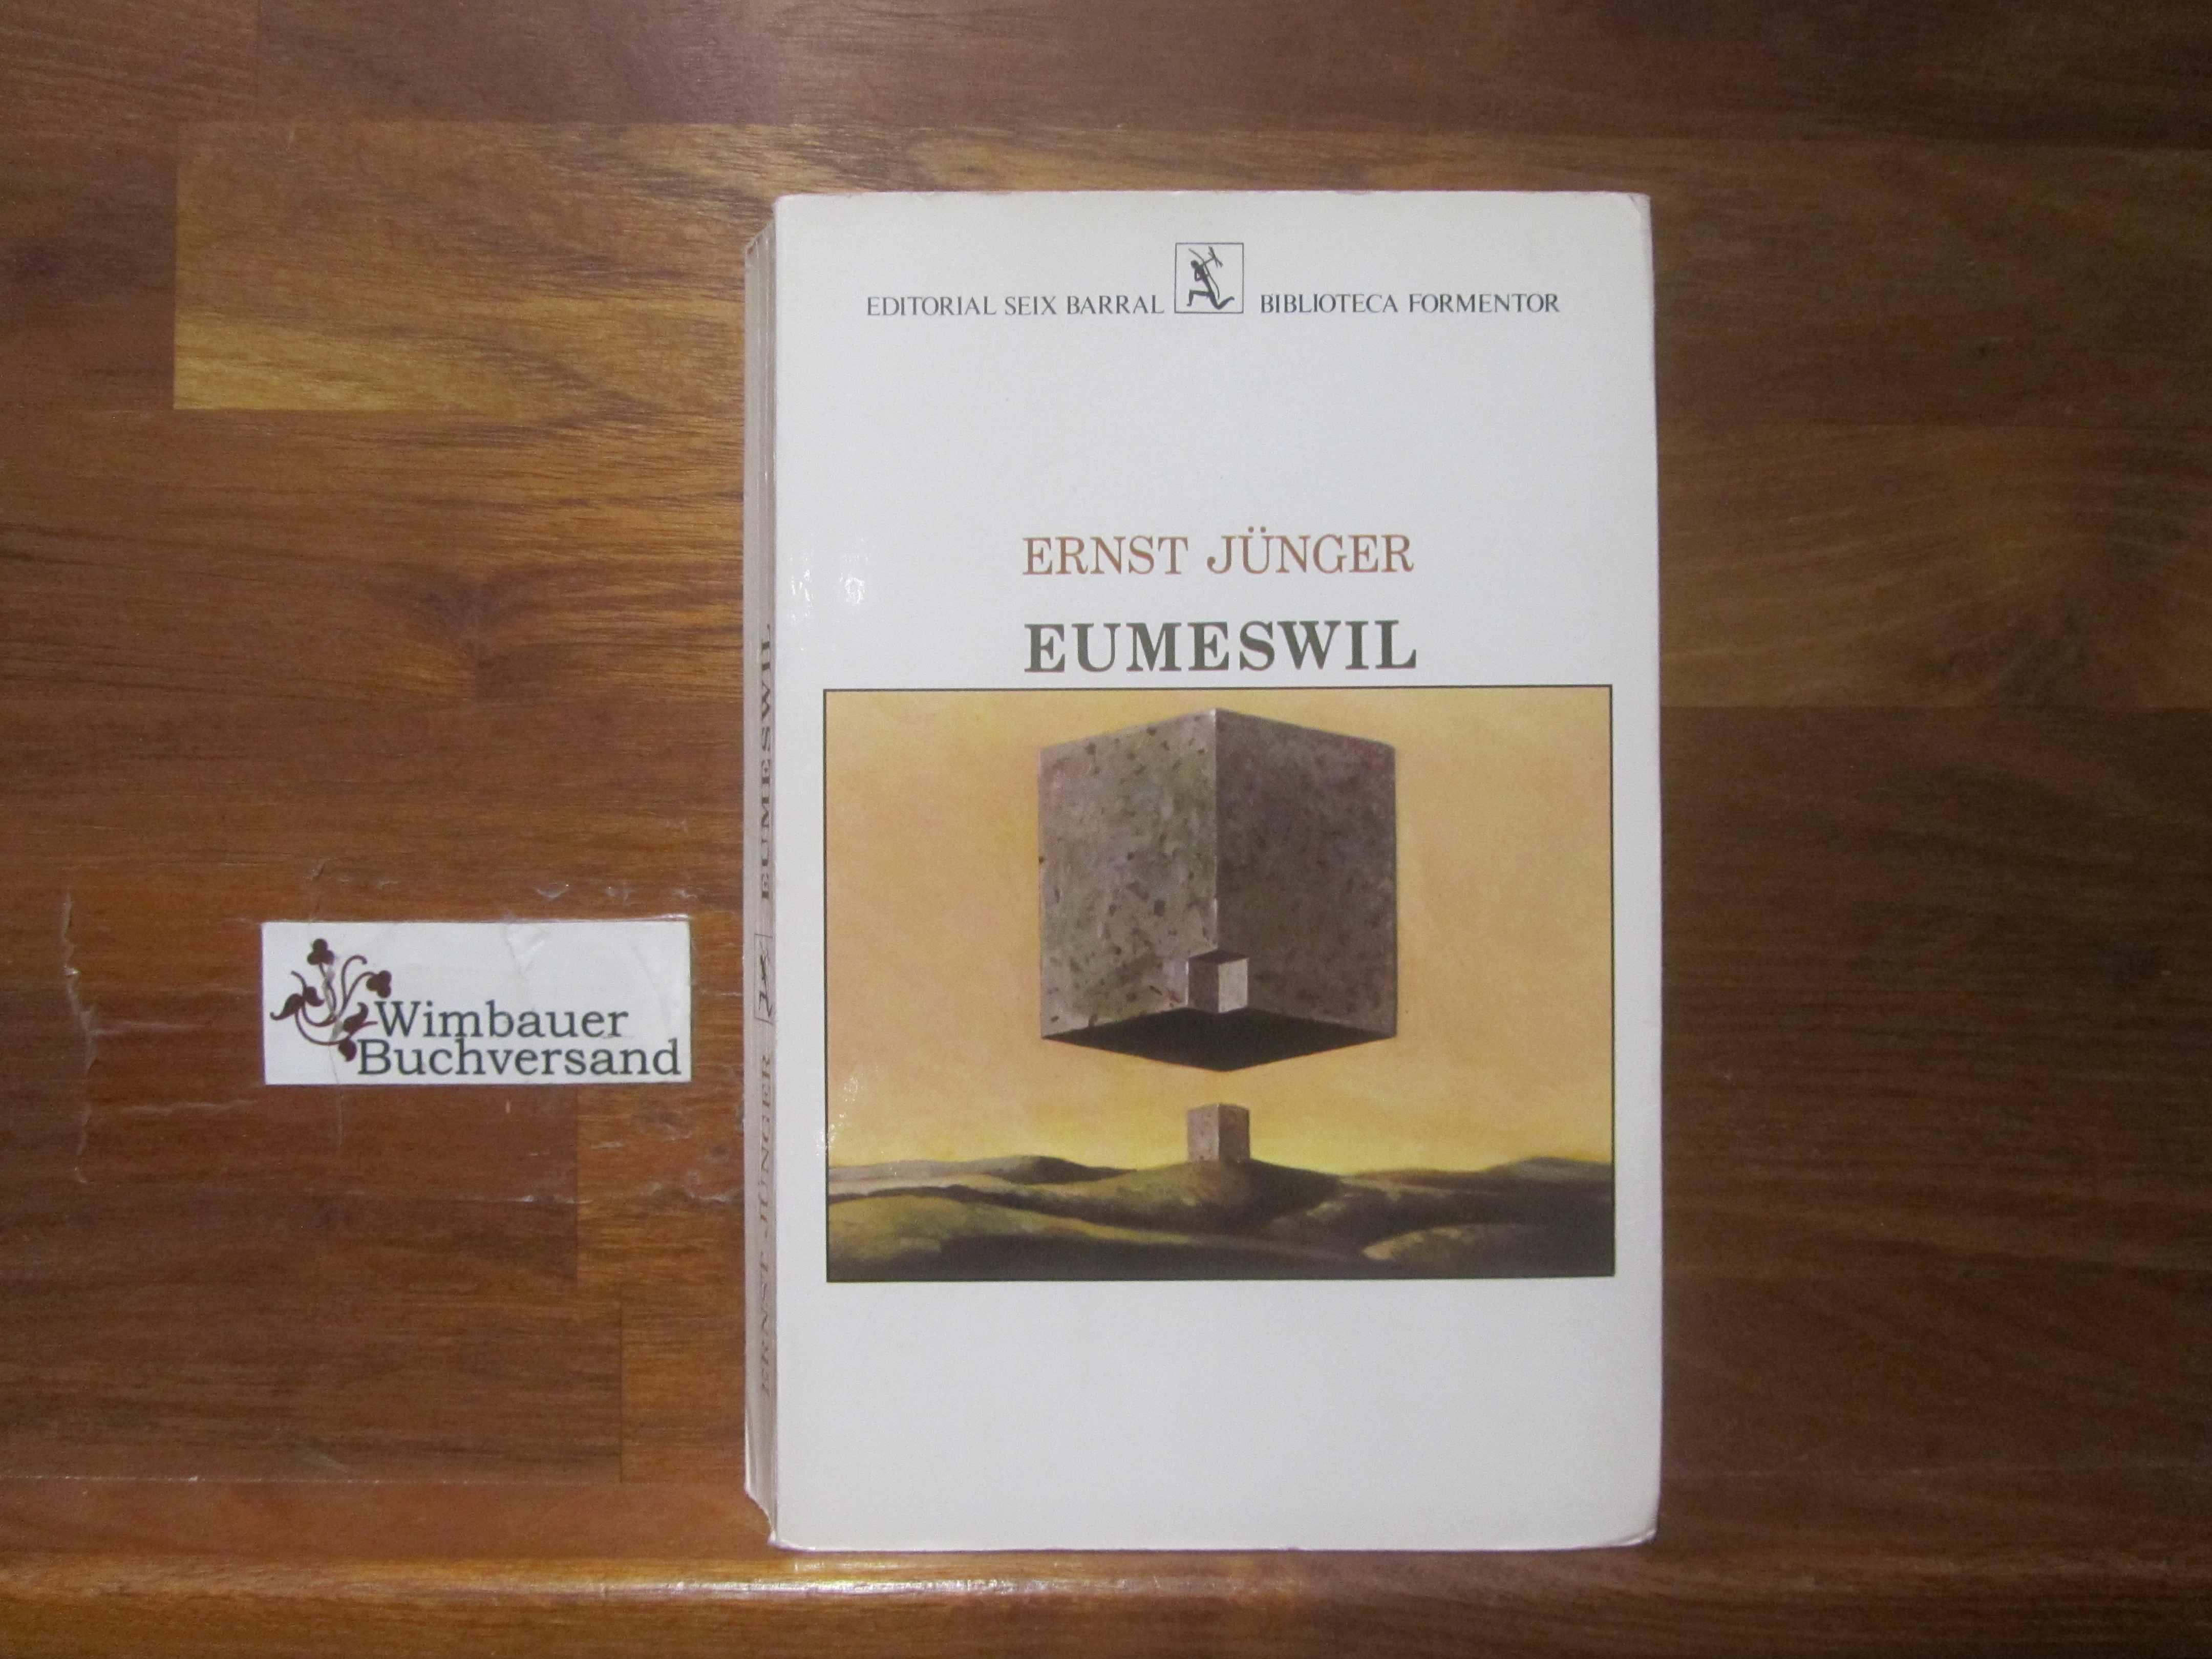 Eumeswil. Trad. de Marciano Villanueva / Biblioteca Formentor 2. ed.